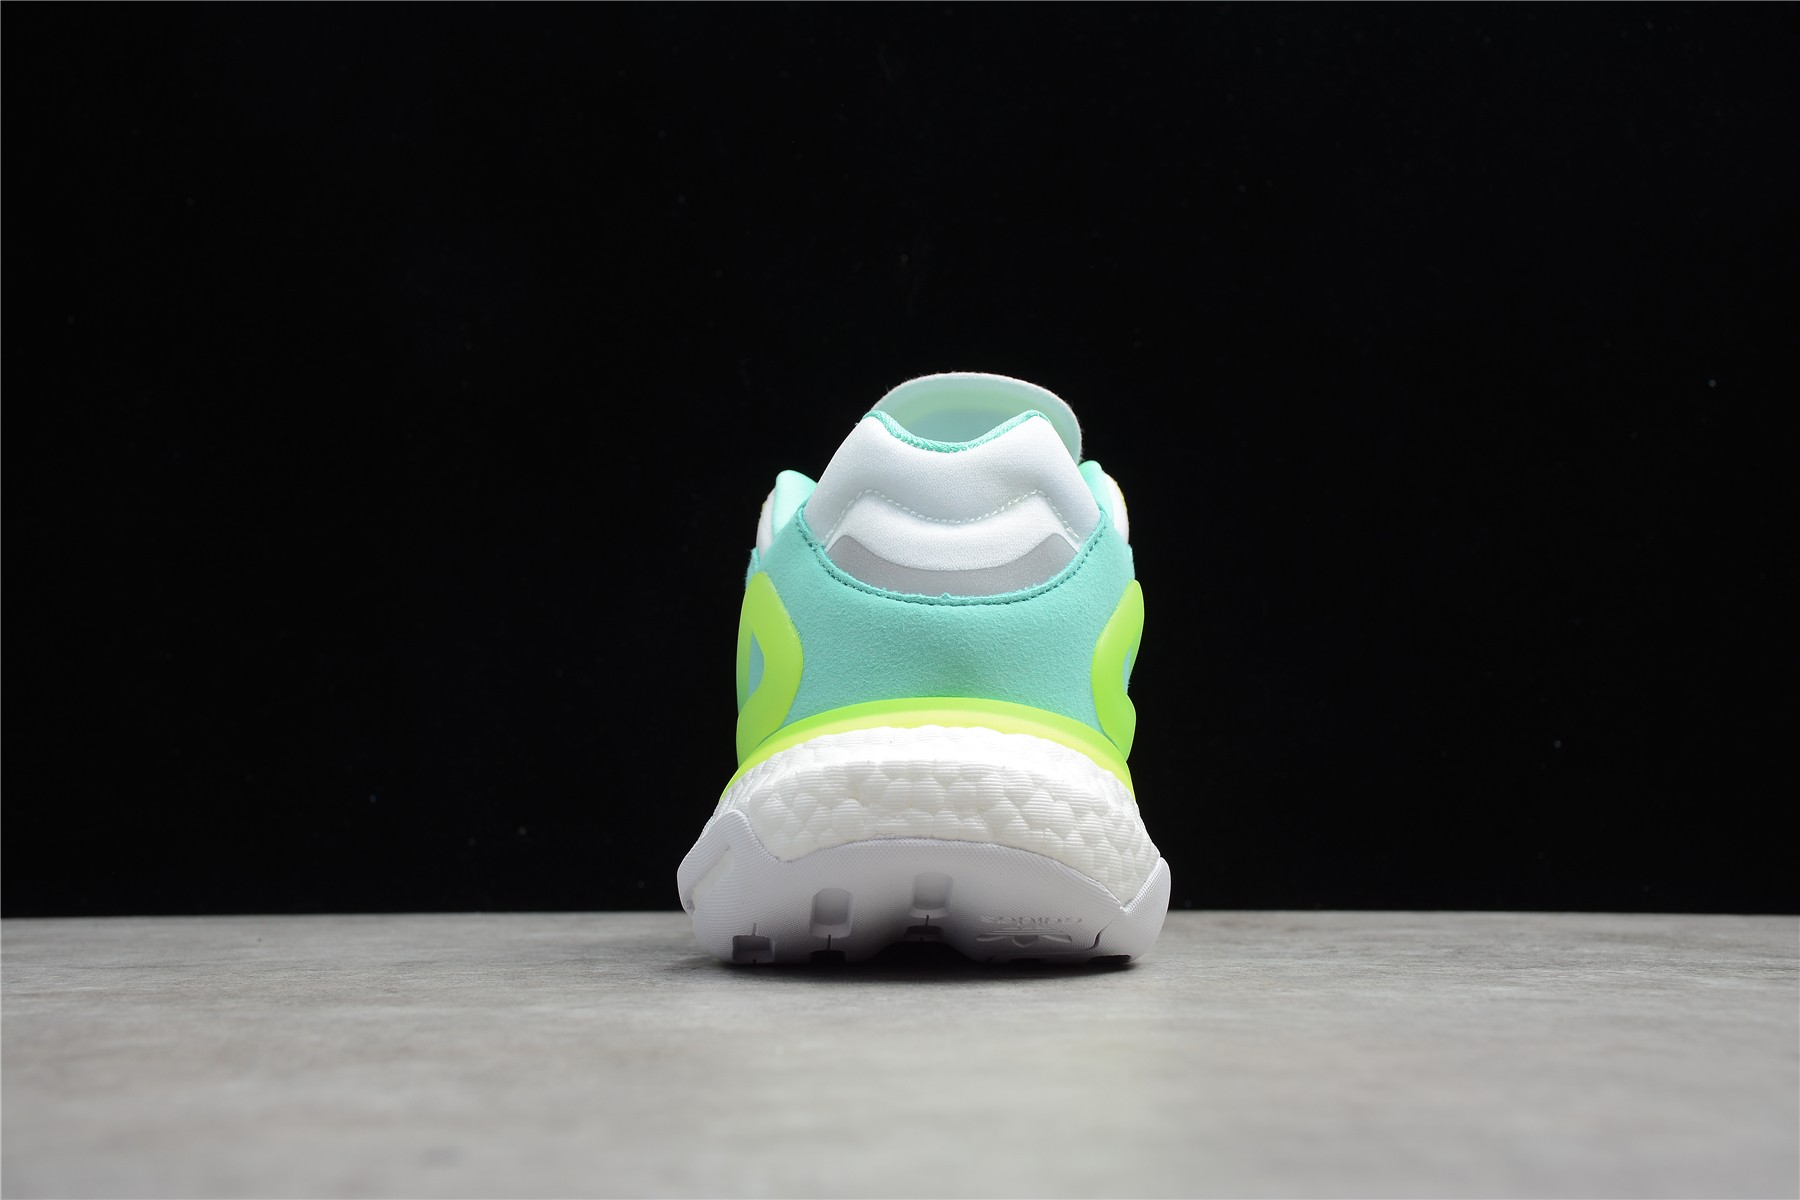 阿迪达斯夜行者二代 Adidas Day Jogger 阿迪达斯夜行者白绿黄 货号:GZ3045-潮流者之家